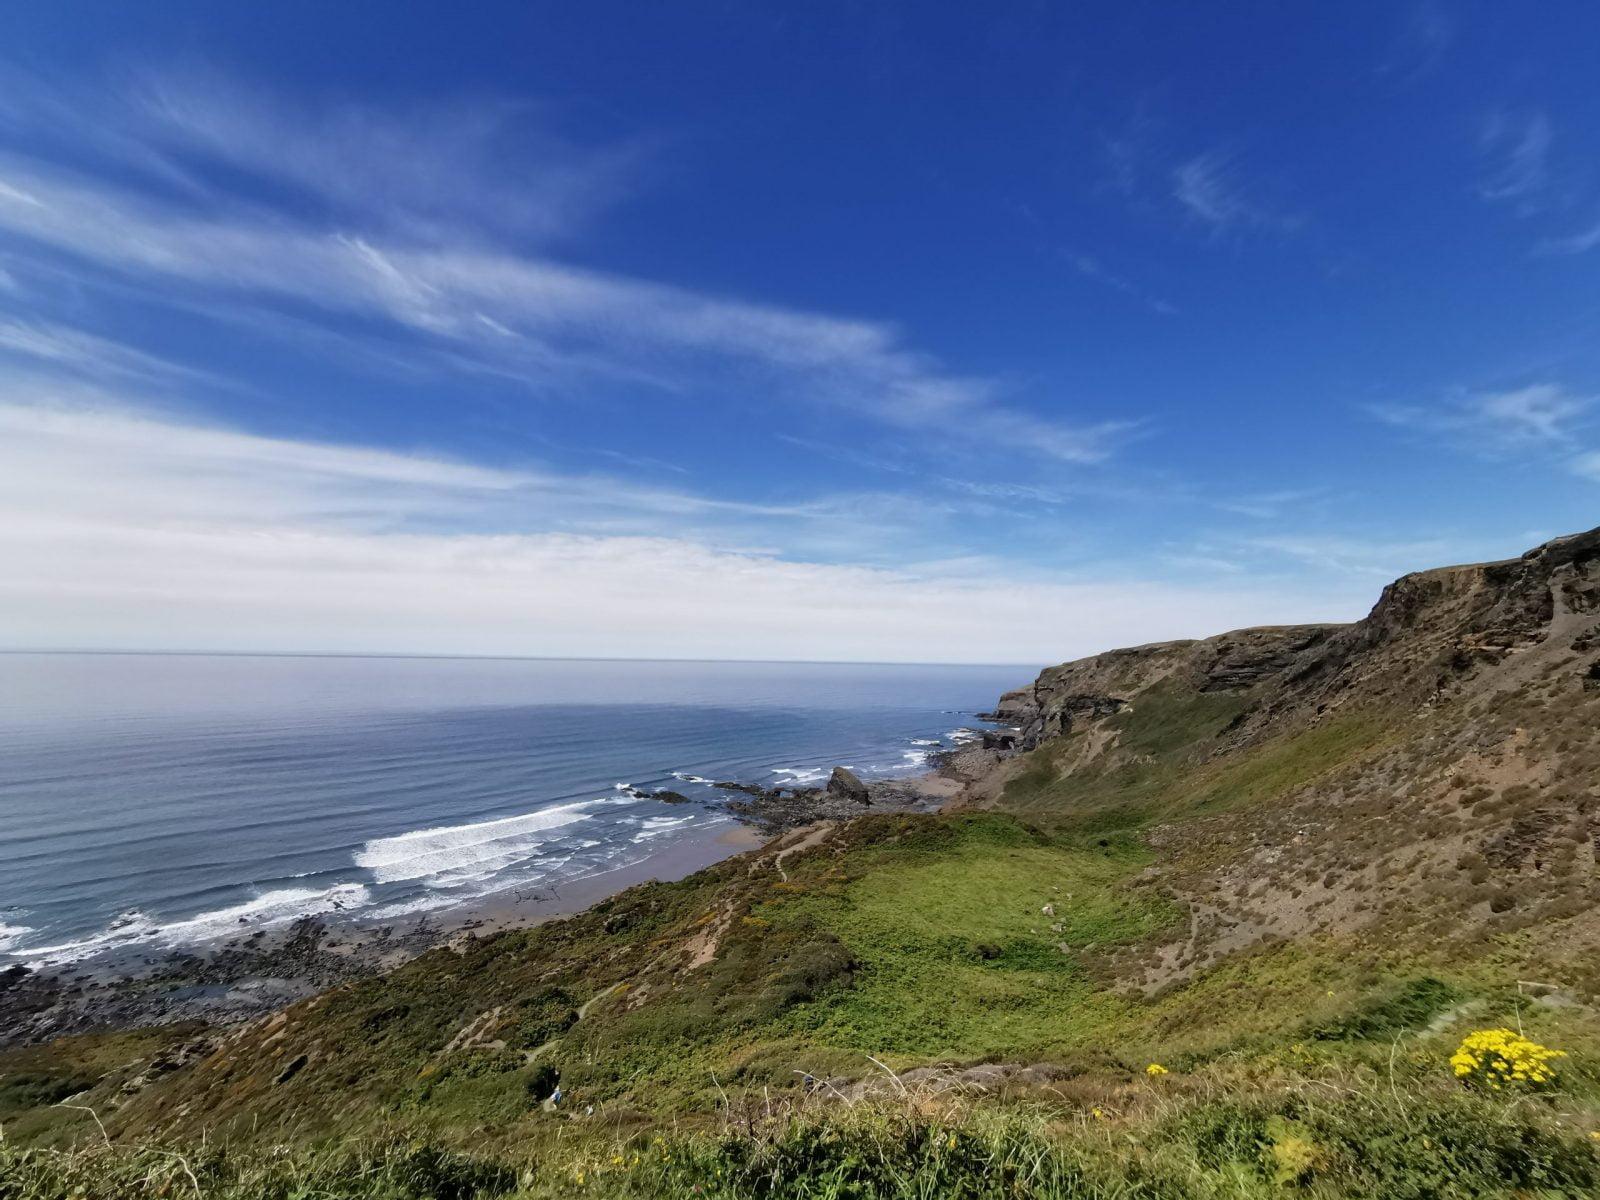 The Strangles Beach & Trail: A Hidden & Quiet Beach in Cornwall 3